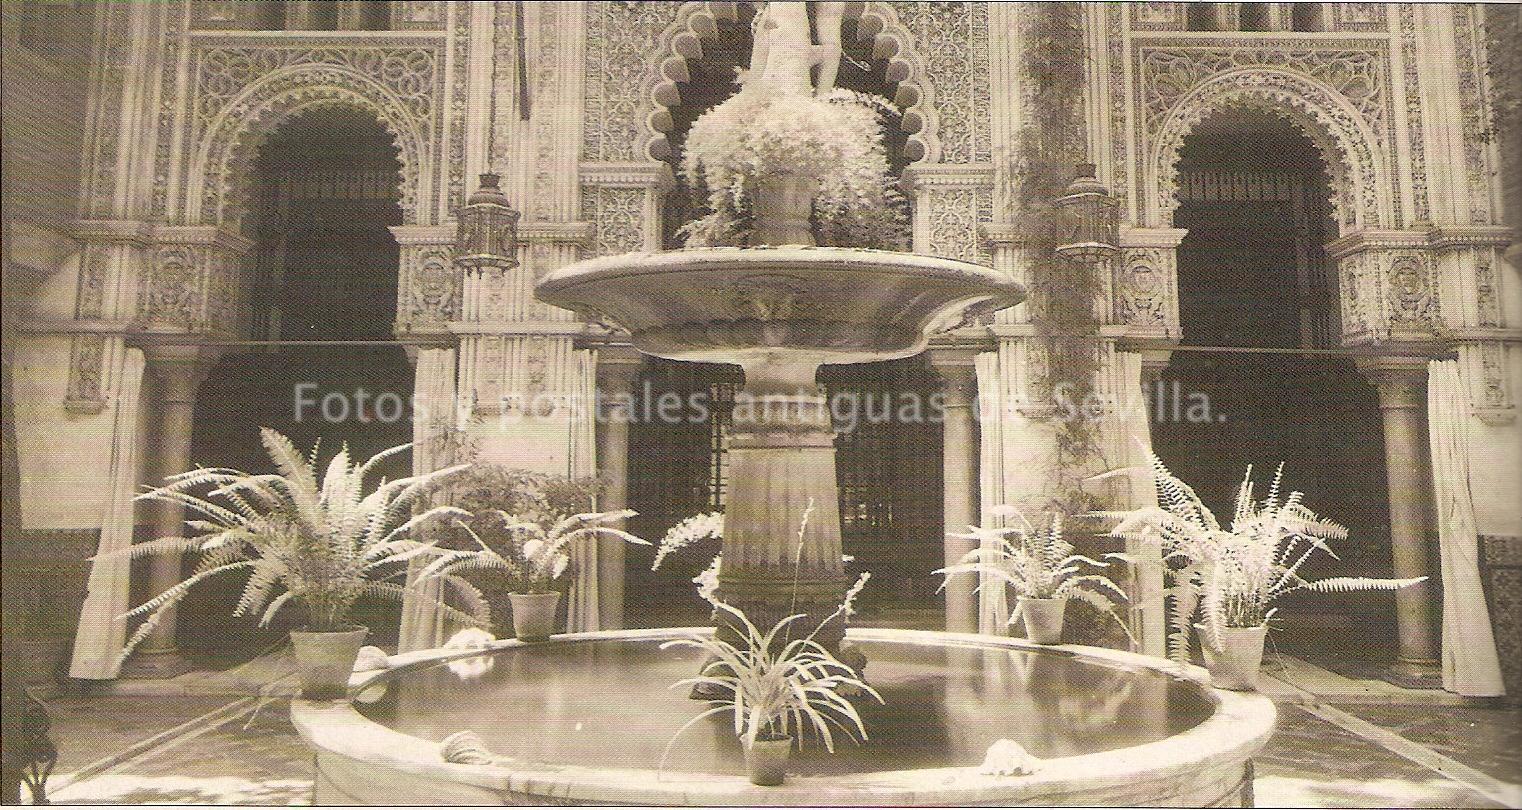 Fotos y postales antiguas de sevilla palacios de sevilla - Decoradores en sevilla ...